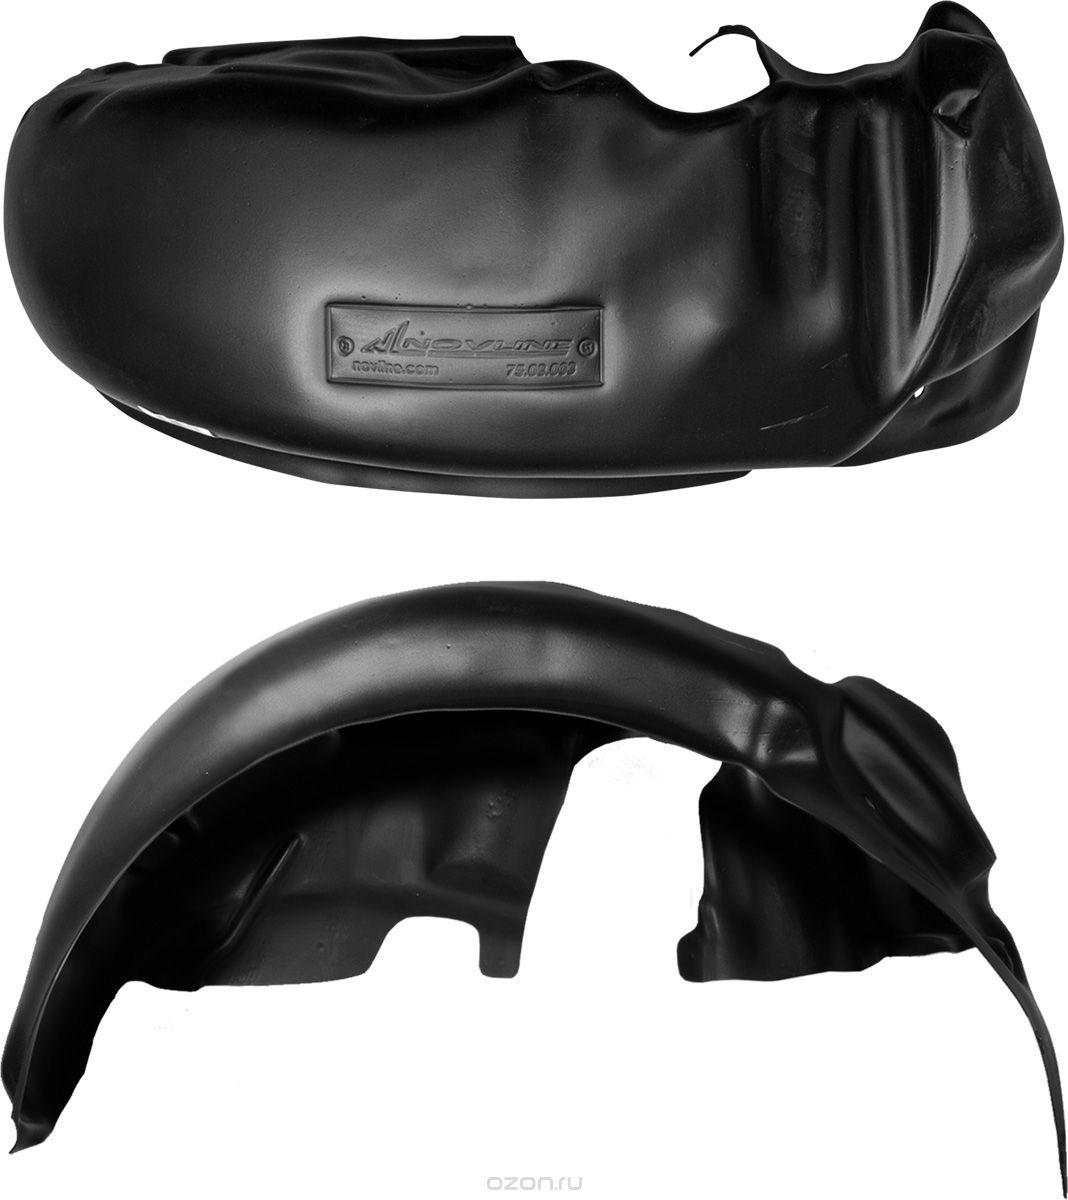 Подкрылок Novline-Autofamily, для Toyota Highlander, 2013->, передний левыйNLL.48.58.001Идеальная защита колесной ниши. Локеры разработаны с применением цифровых технологий, гарантируют максимальную повторяемость поверхности арки. Изделия устанавливаются без нарушения лакокрасочного покрытия автомобиля, каждый подкрылок комплектуется крепежом. Уважаемые клиенты, обращаем ваше внимание, что фотографии на подкрылки универсальные и не отражают реальную форму изделия. При этом само изделие идет точно под размер указанного автомобиля.